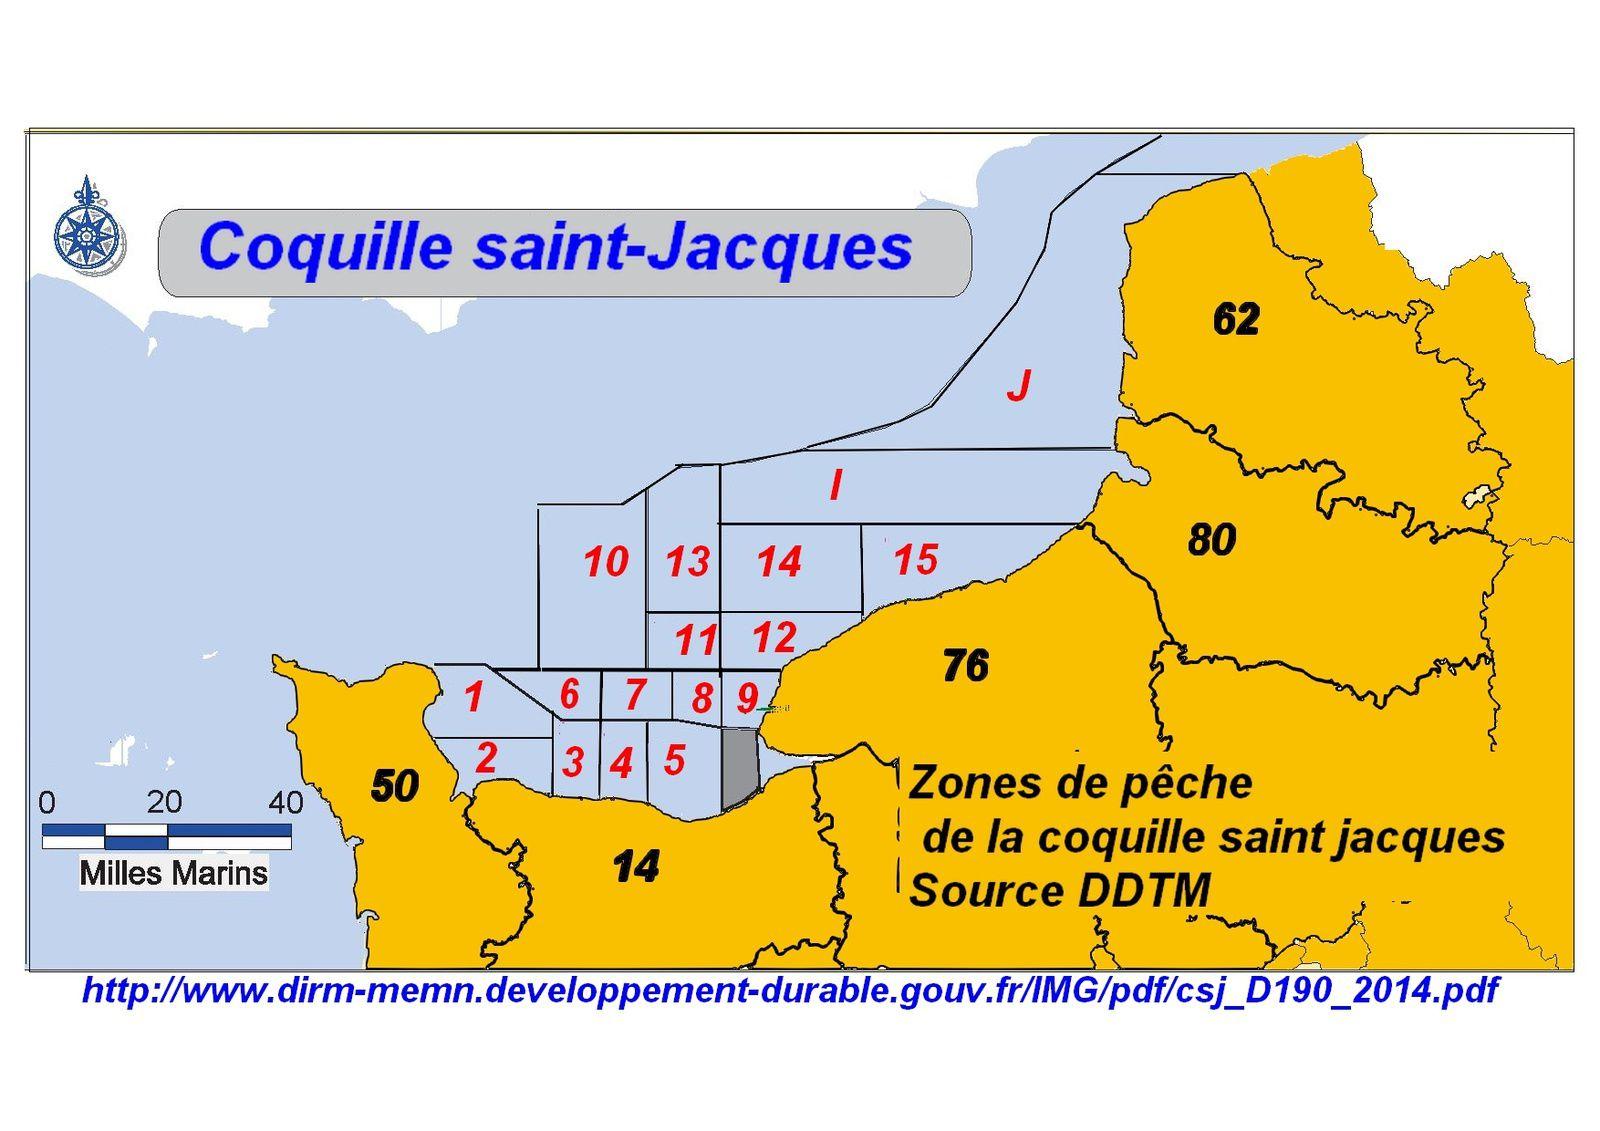 Pour consulter le site et les documents officiels http://www.dirm-memn.developpement-durable.gouv.fr/reglementation-de-la-peche-a-la-a125.html